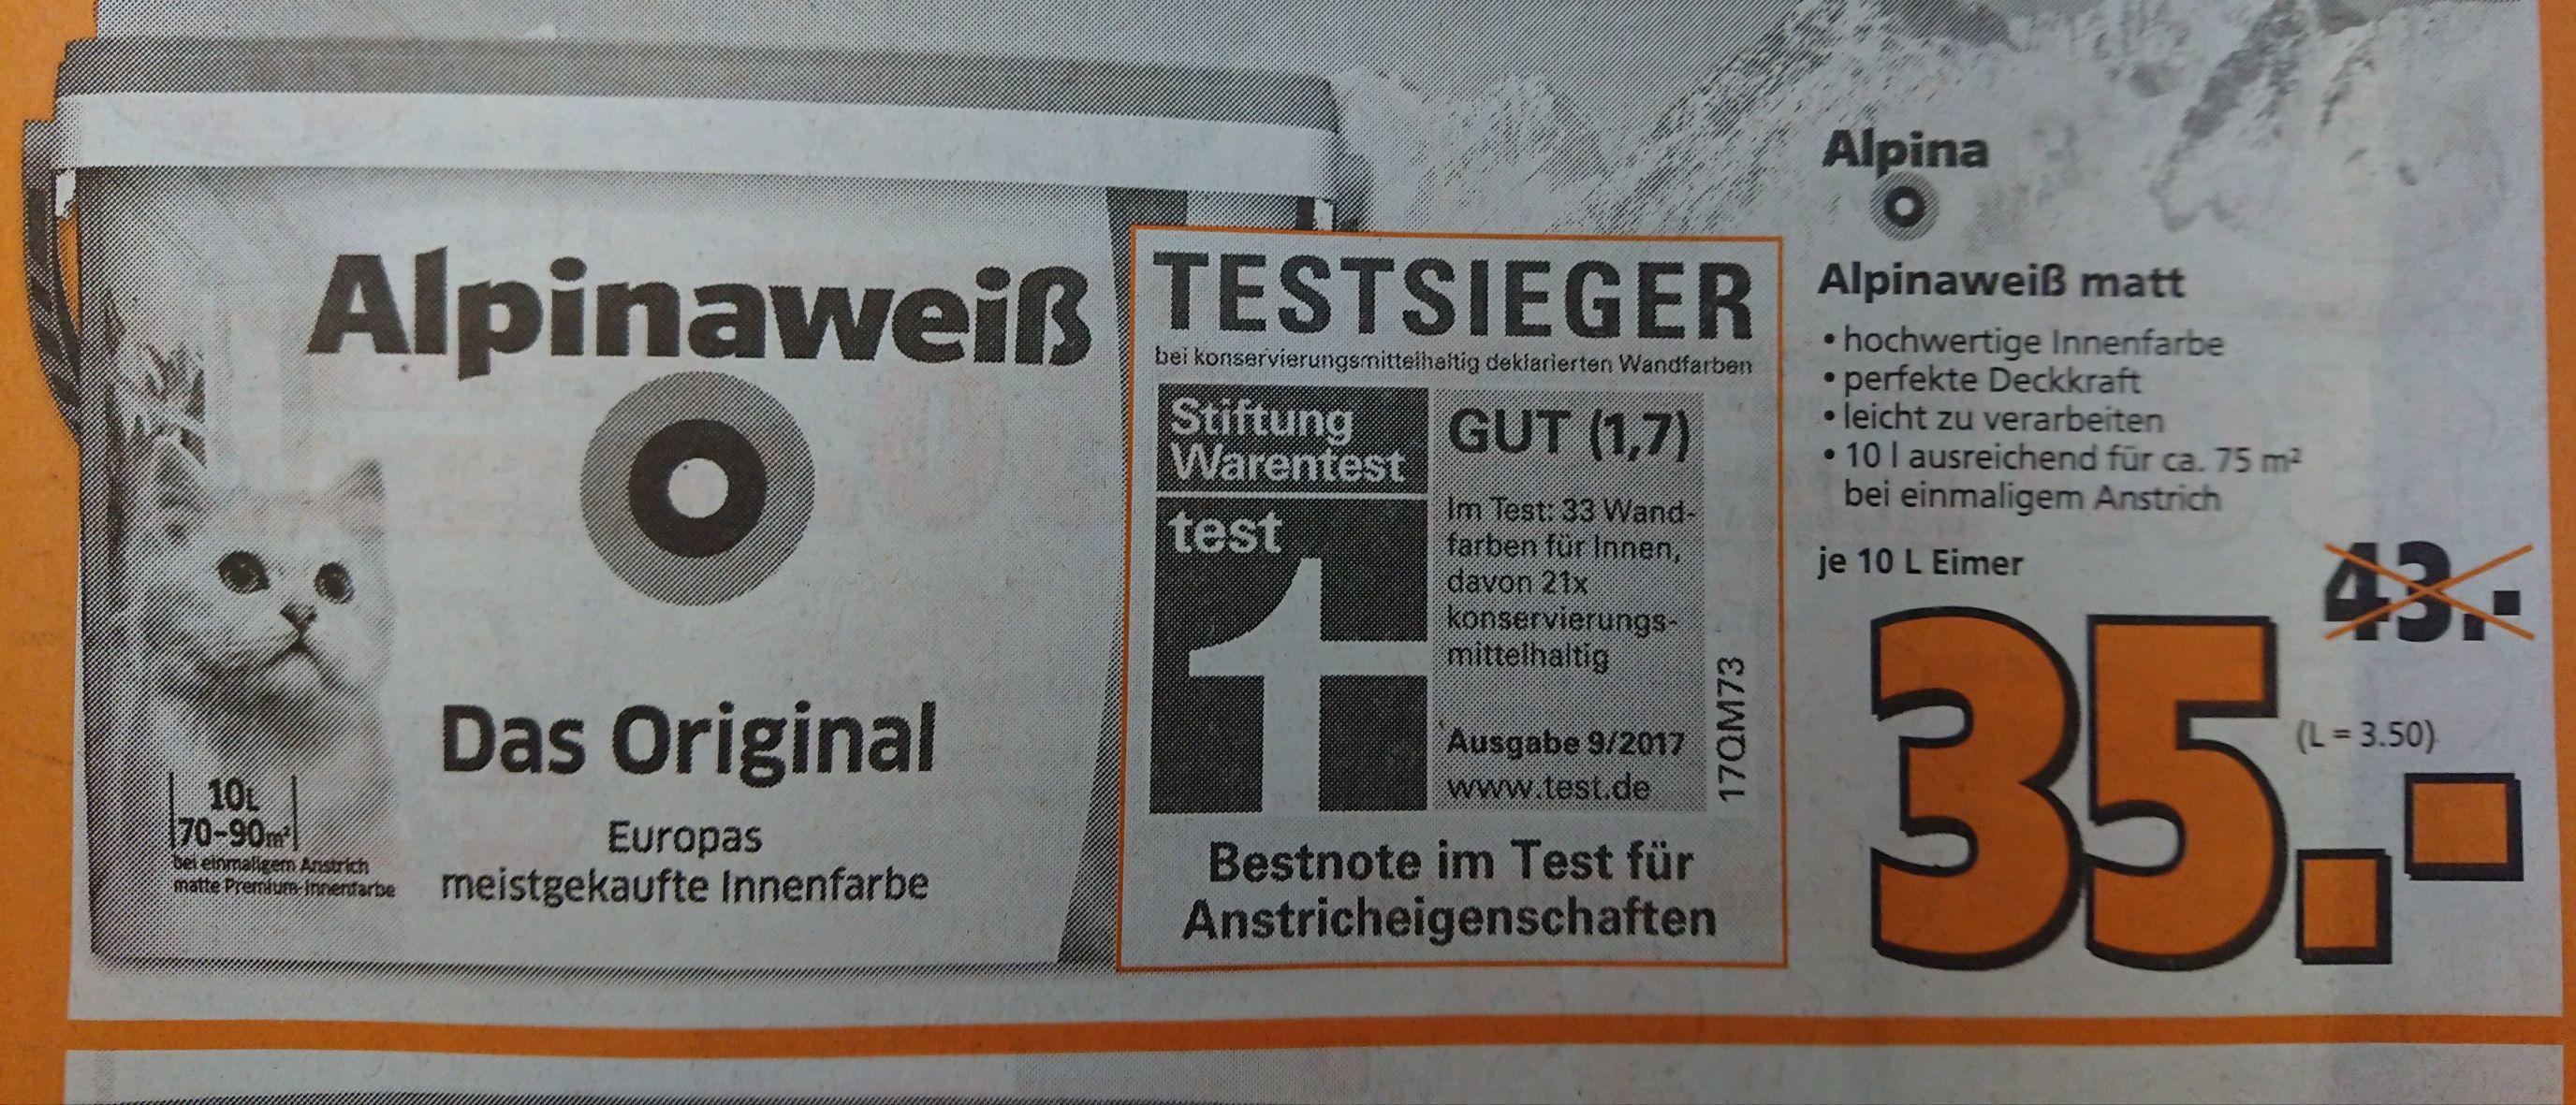 Lokal Lahnstein [Globus Baumarkt] Alpina Innennweiß10l mit Katze zu 35€ | ohne Katze 17€.